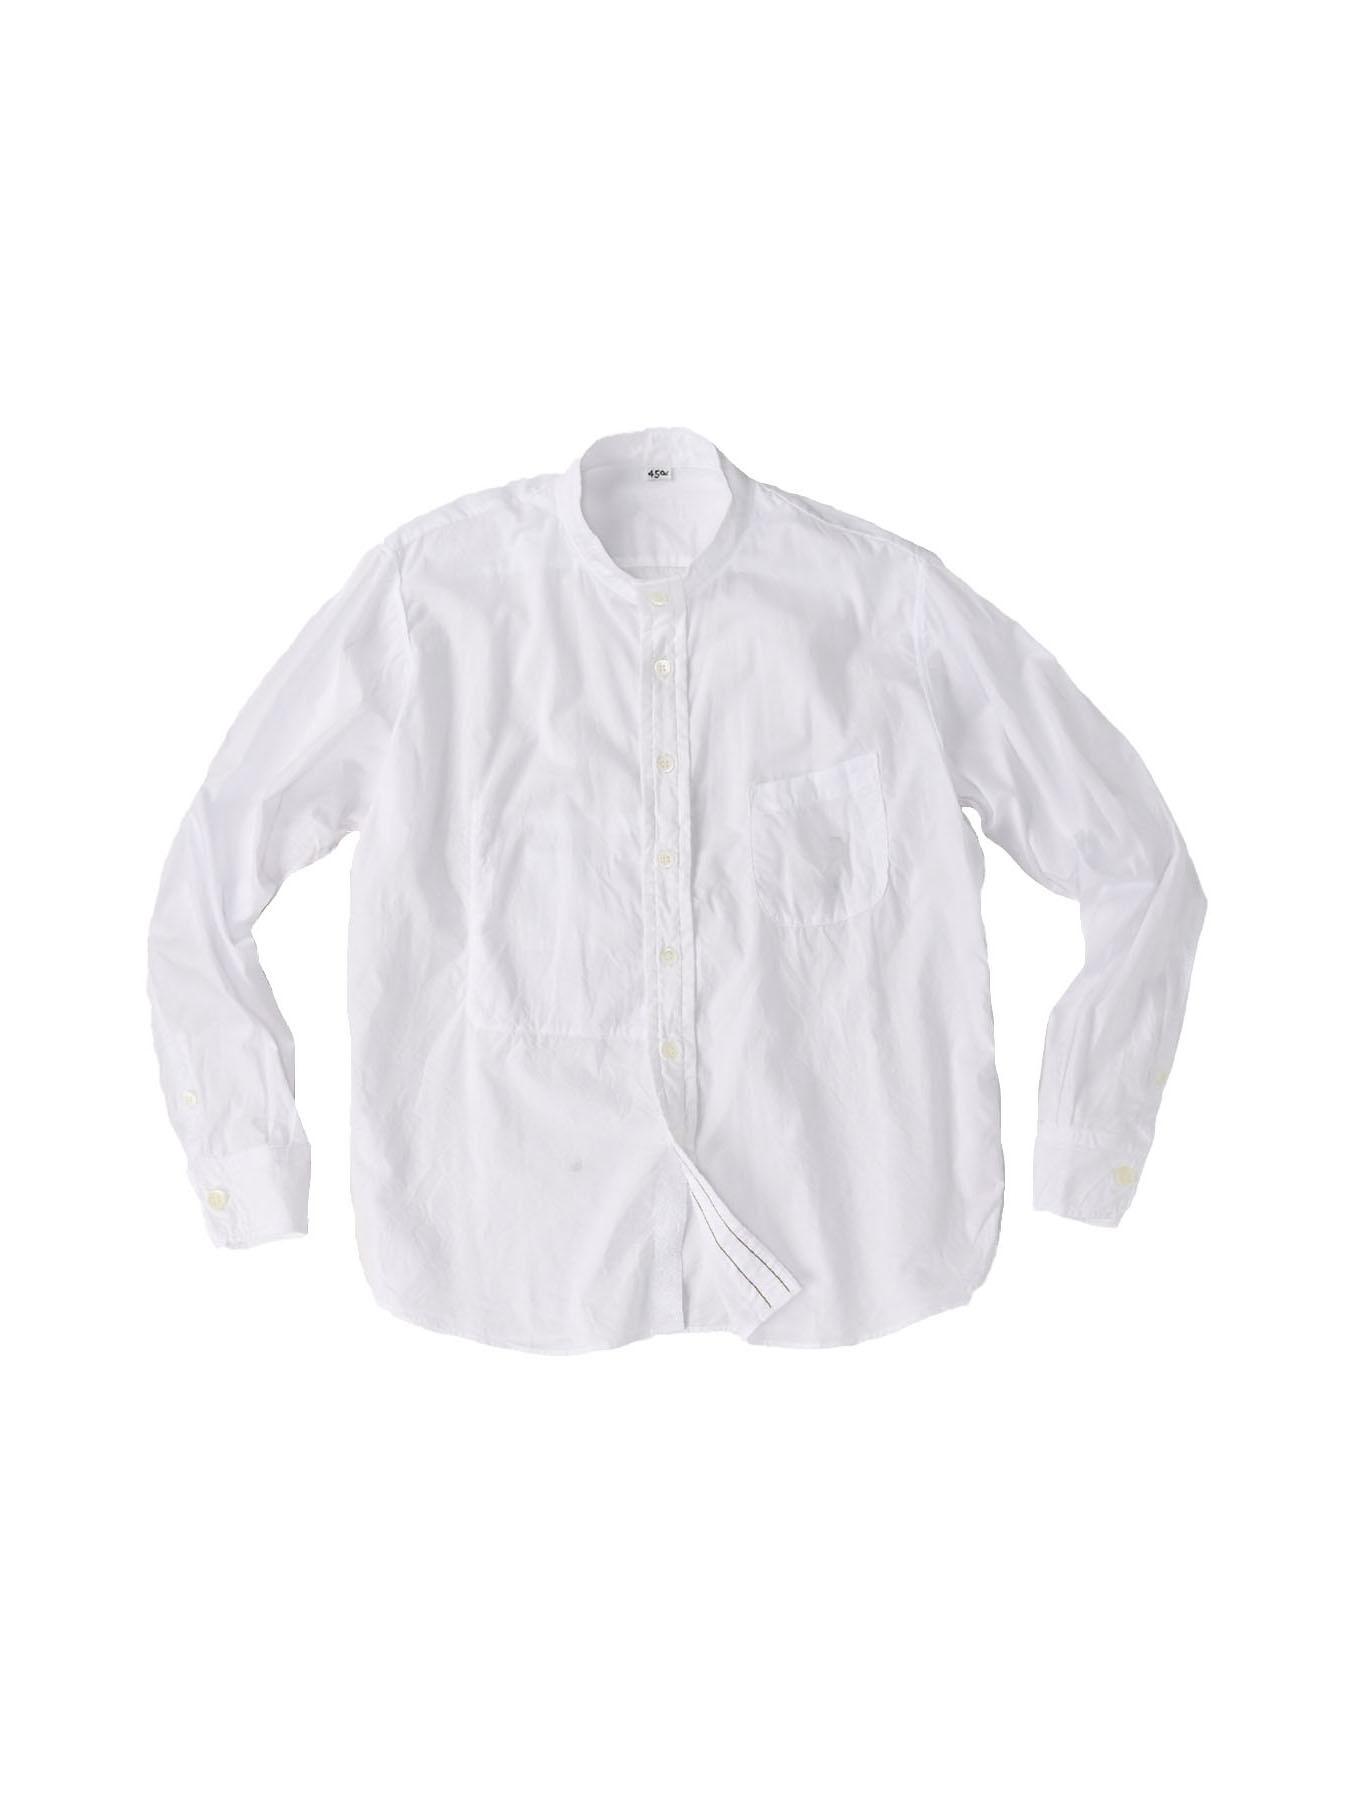 Tappet Ocean Stand Shirt-1